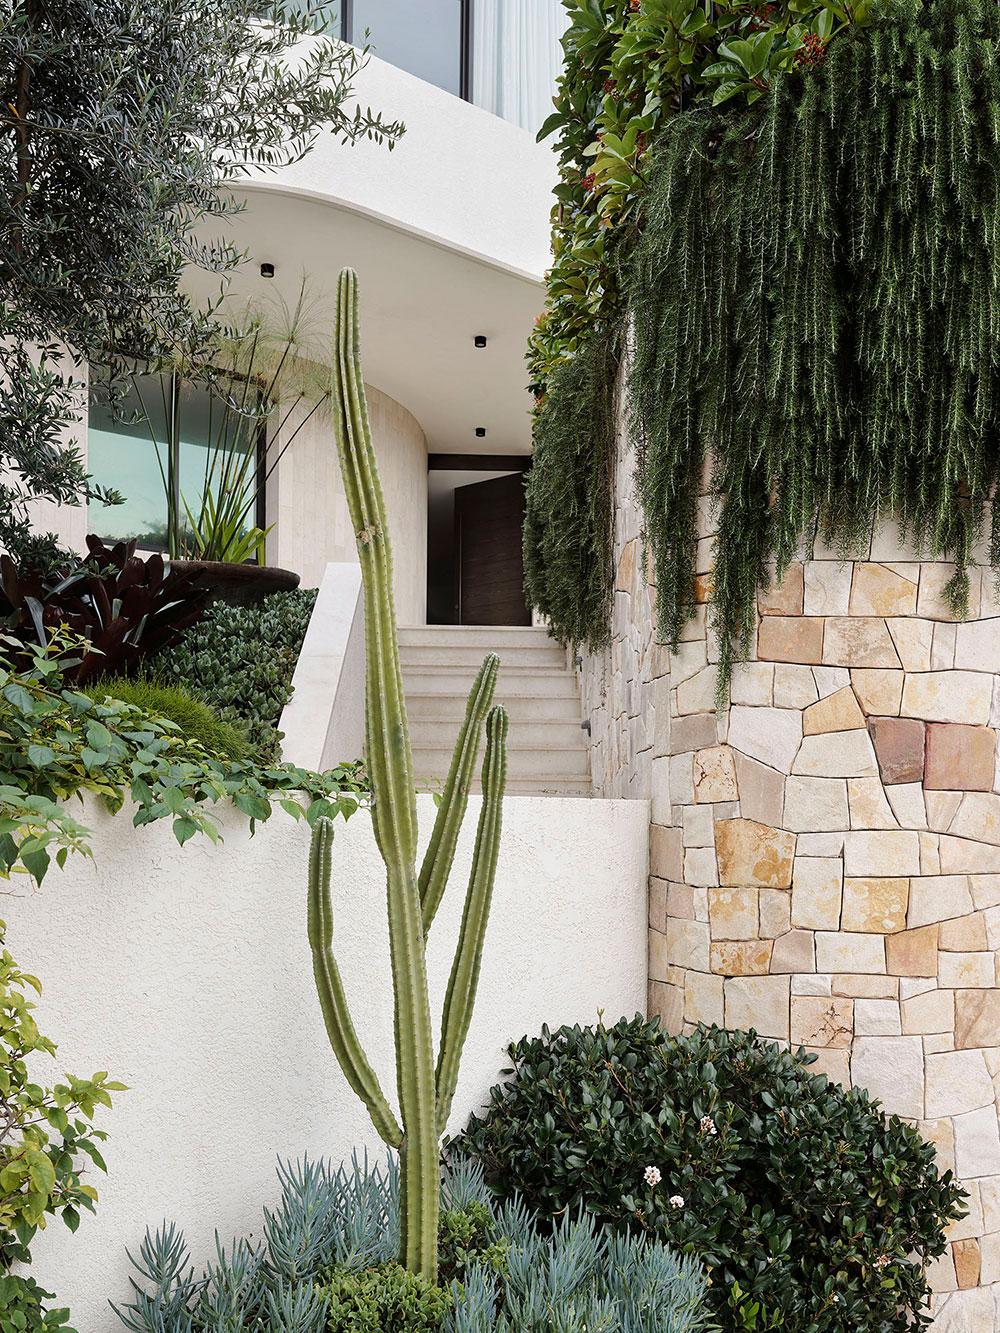 Красивый вид из окна и картины на стенах как главные изюминки интерьера дома в Сиднее